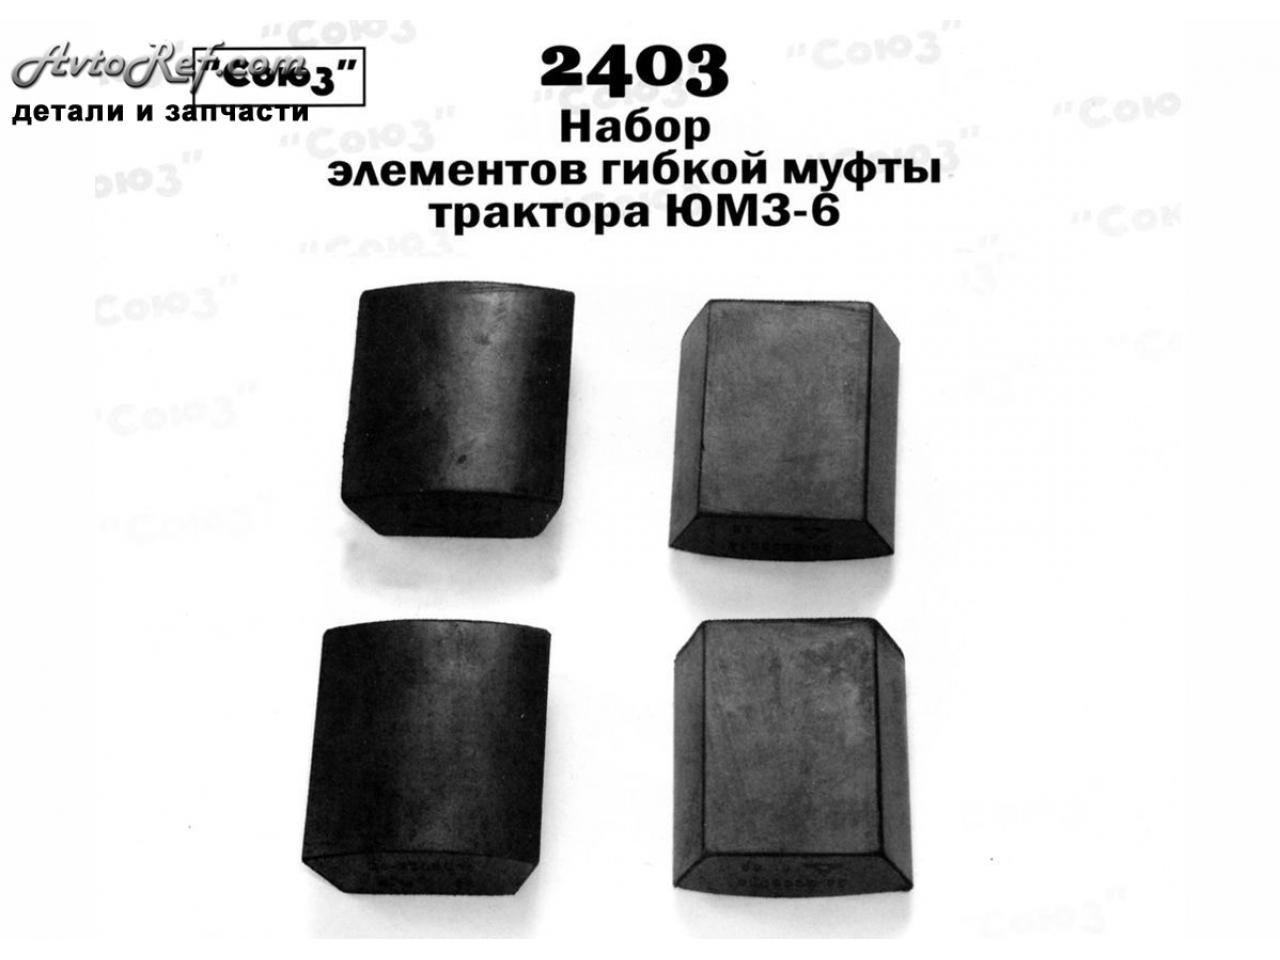 РК элементов гибкой муфты ЮМЗ-6